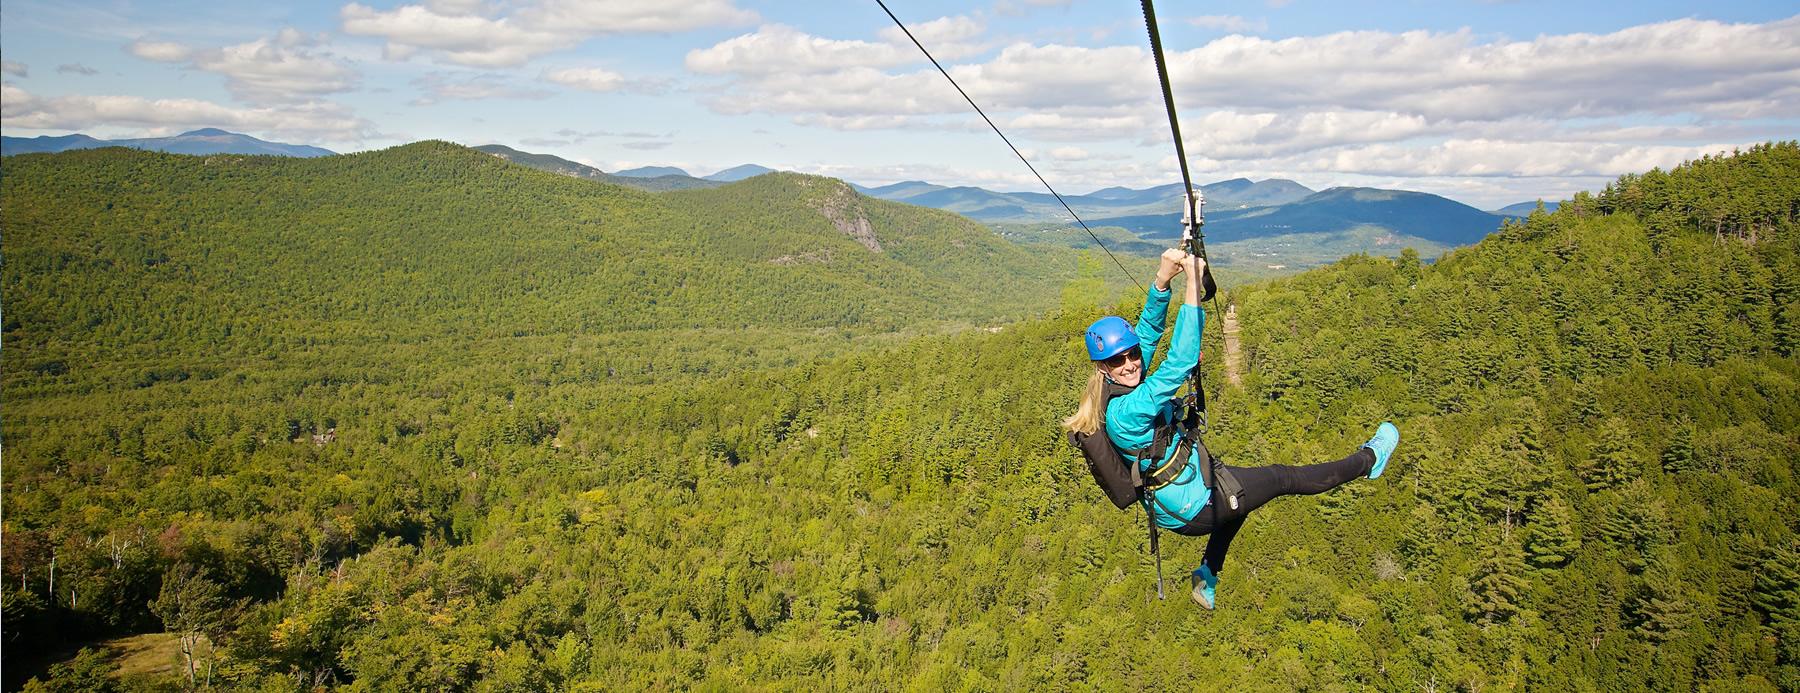 ziprider® at attitash mountain resort